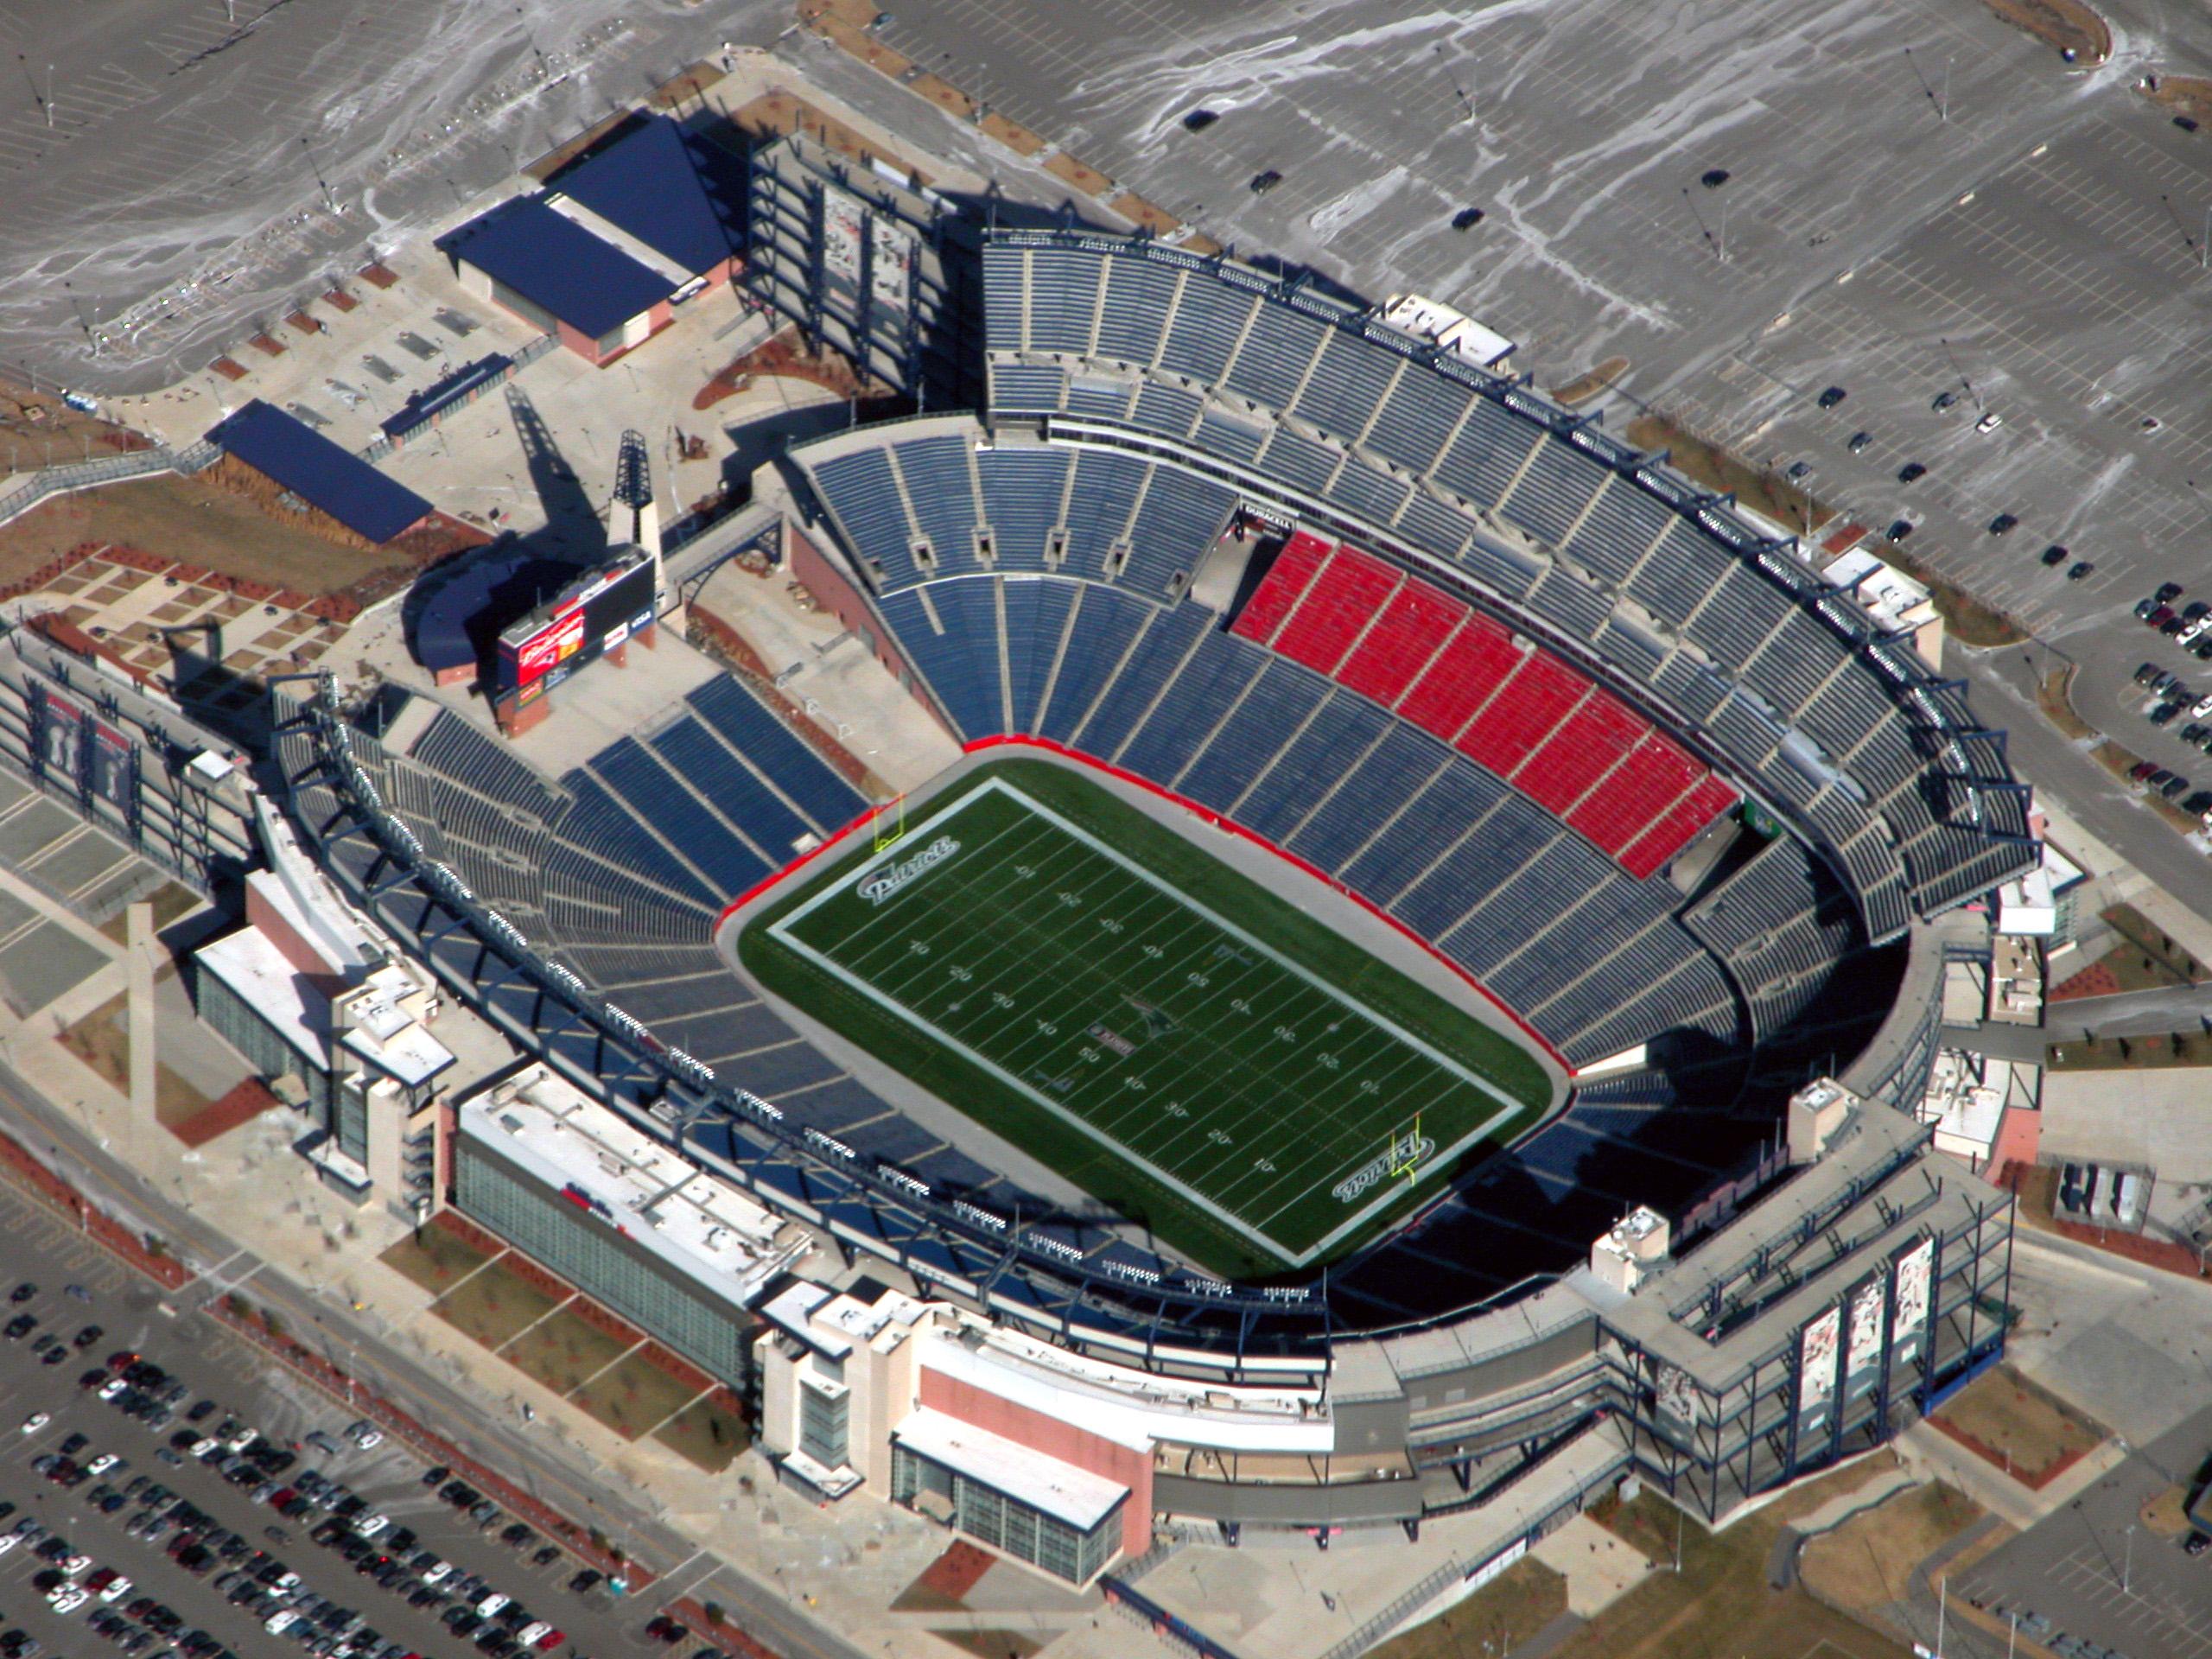 Gillette_Stadium_(Top_View).jpg